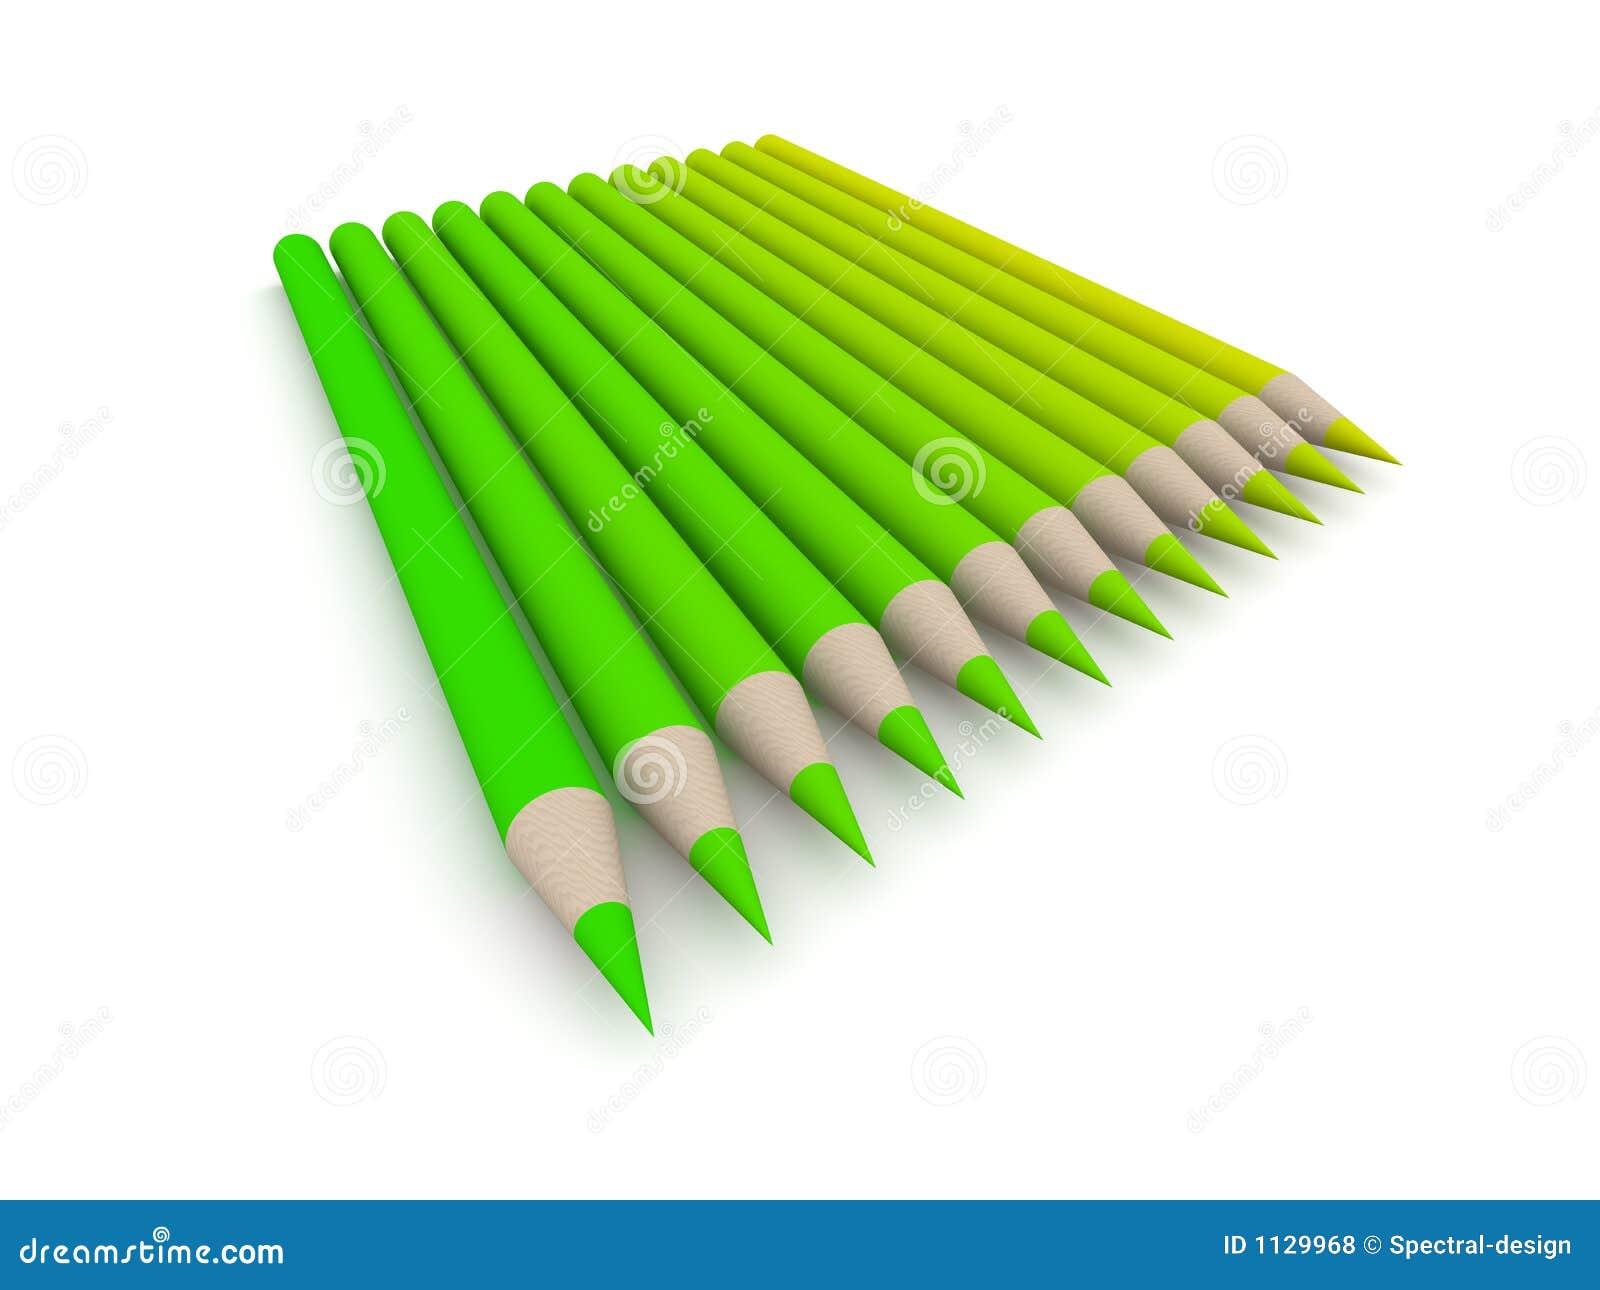 Espectro de cor do pastel - verde 2